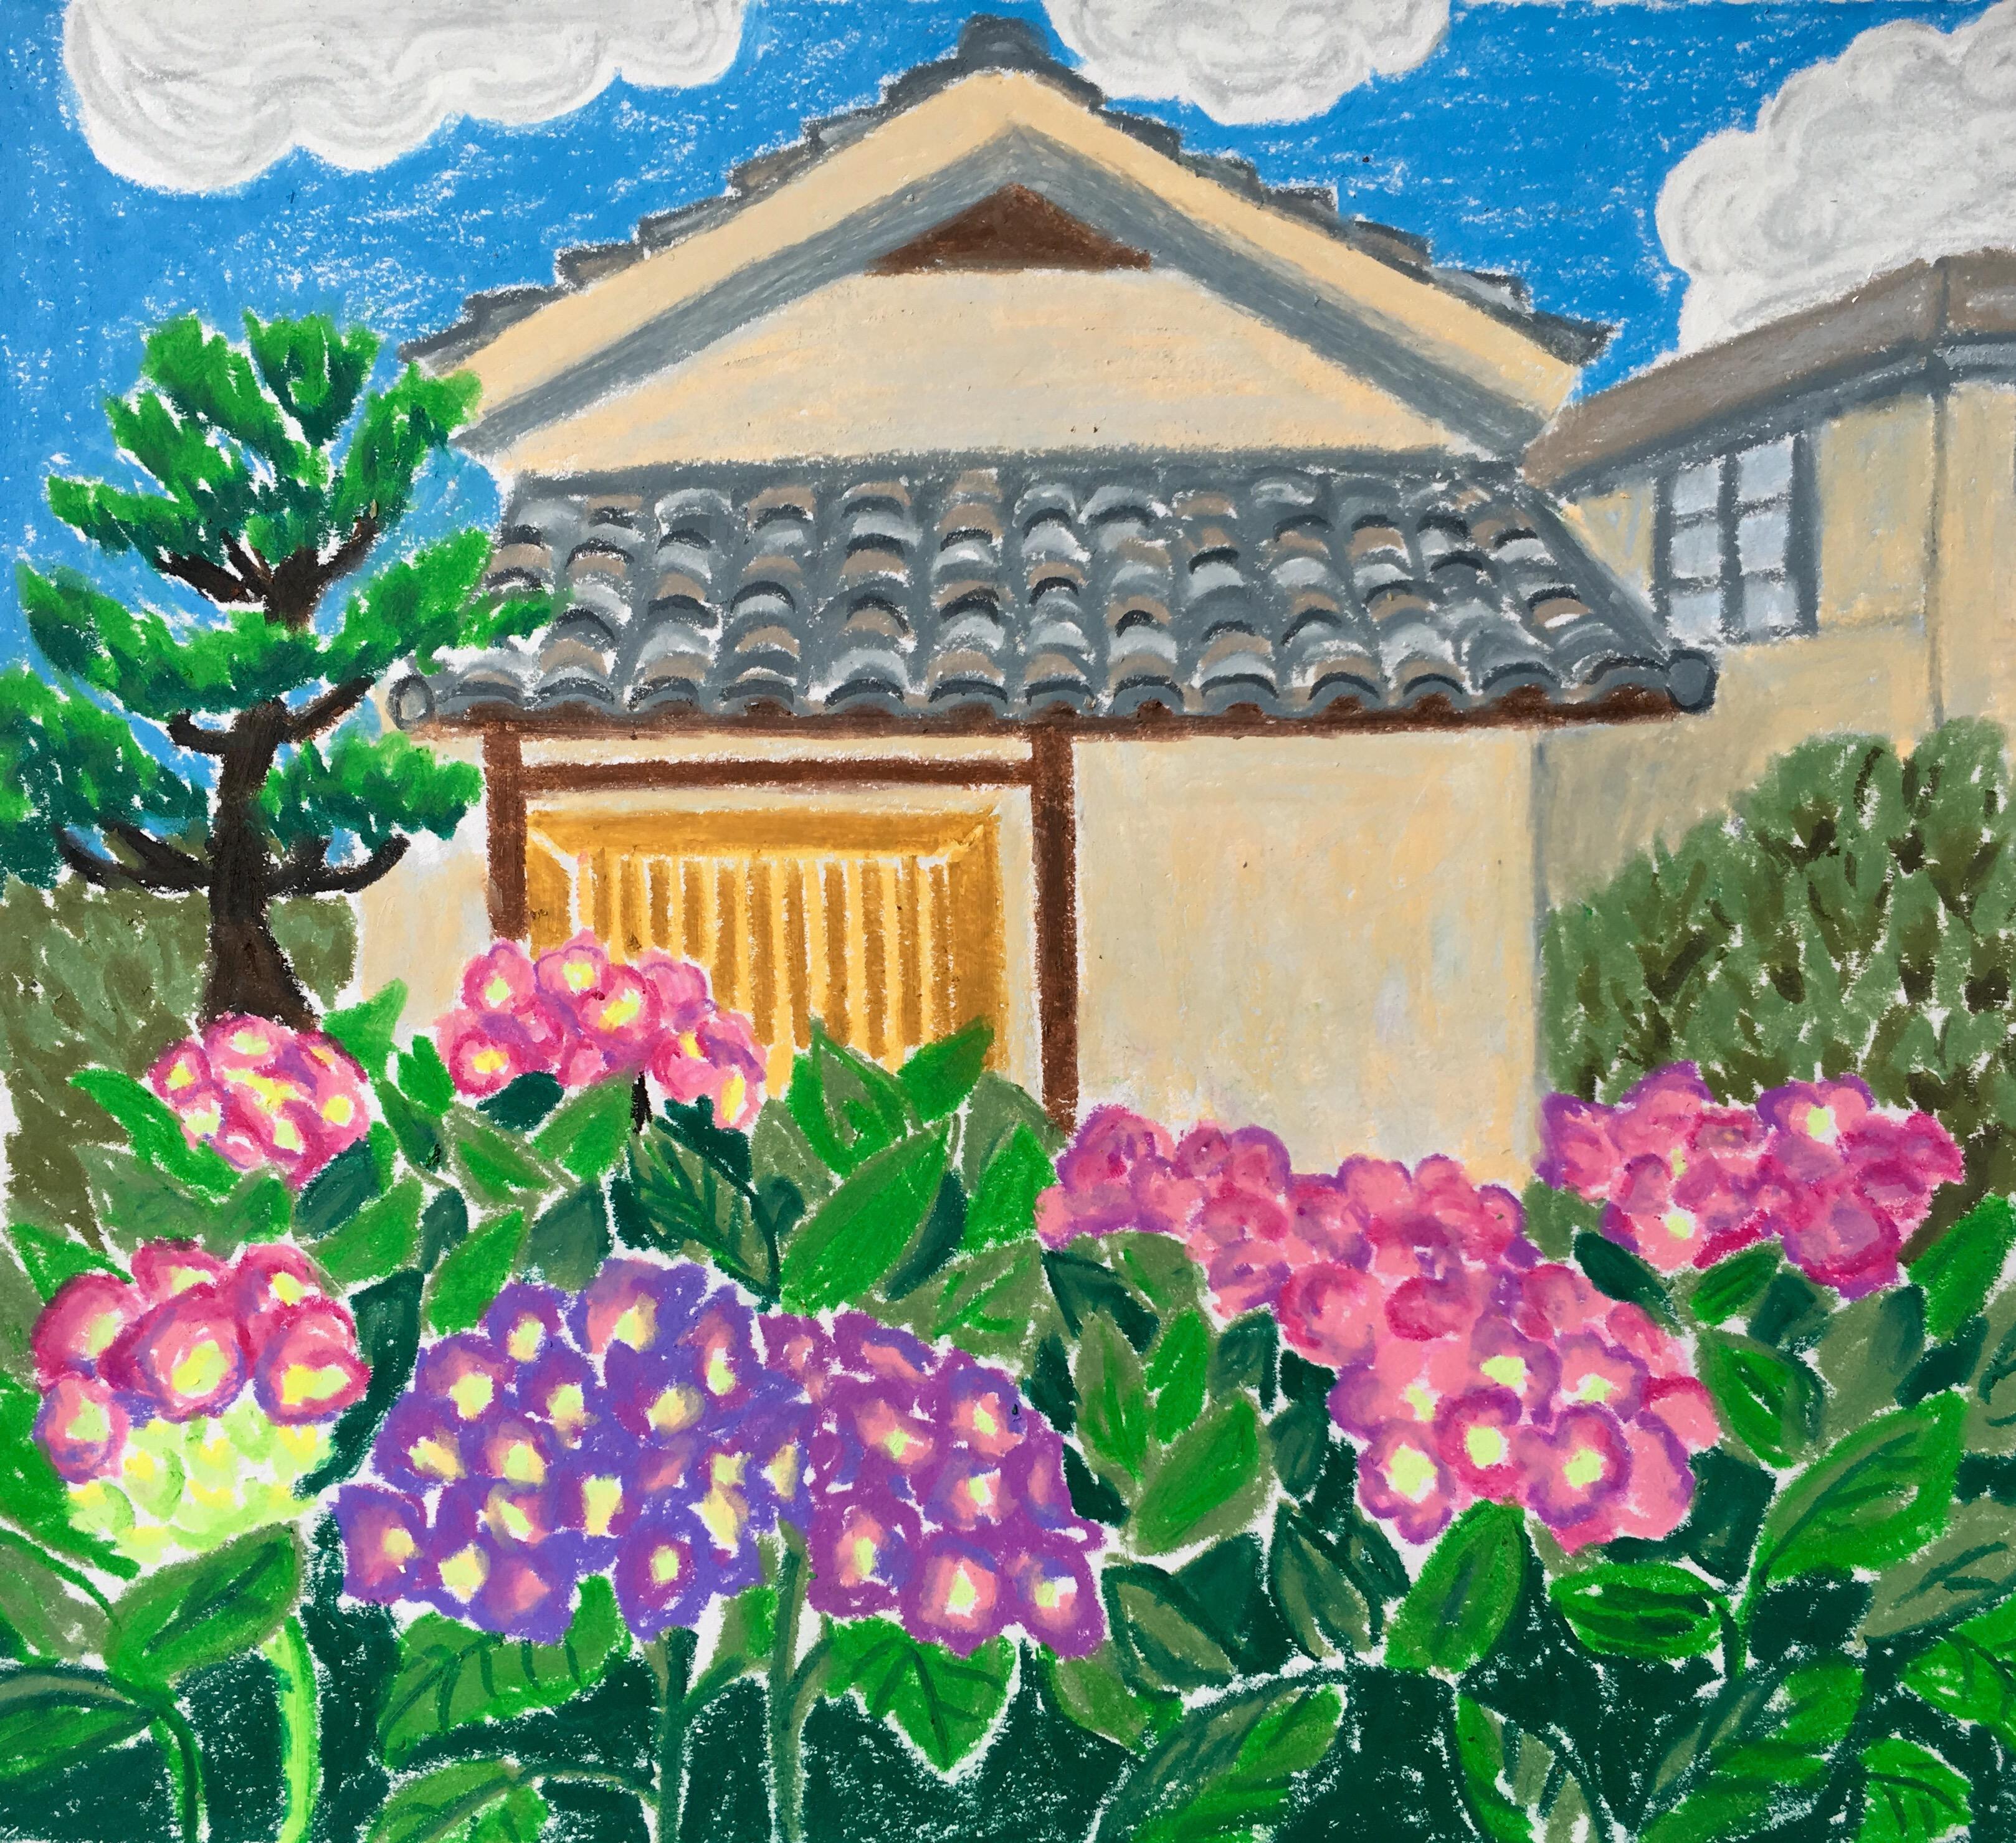 Hydrangea season in Tokyo